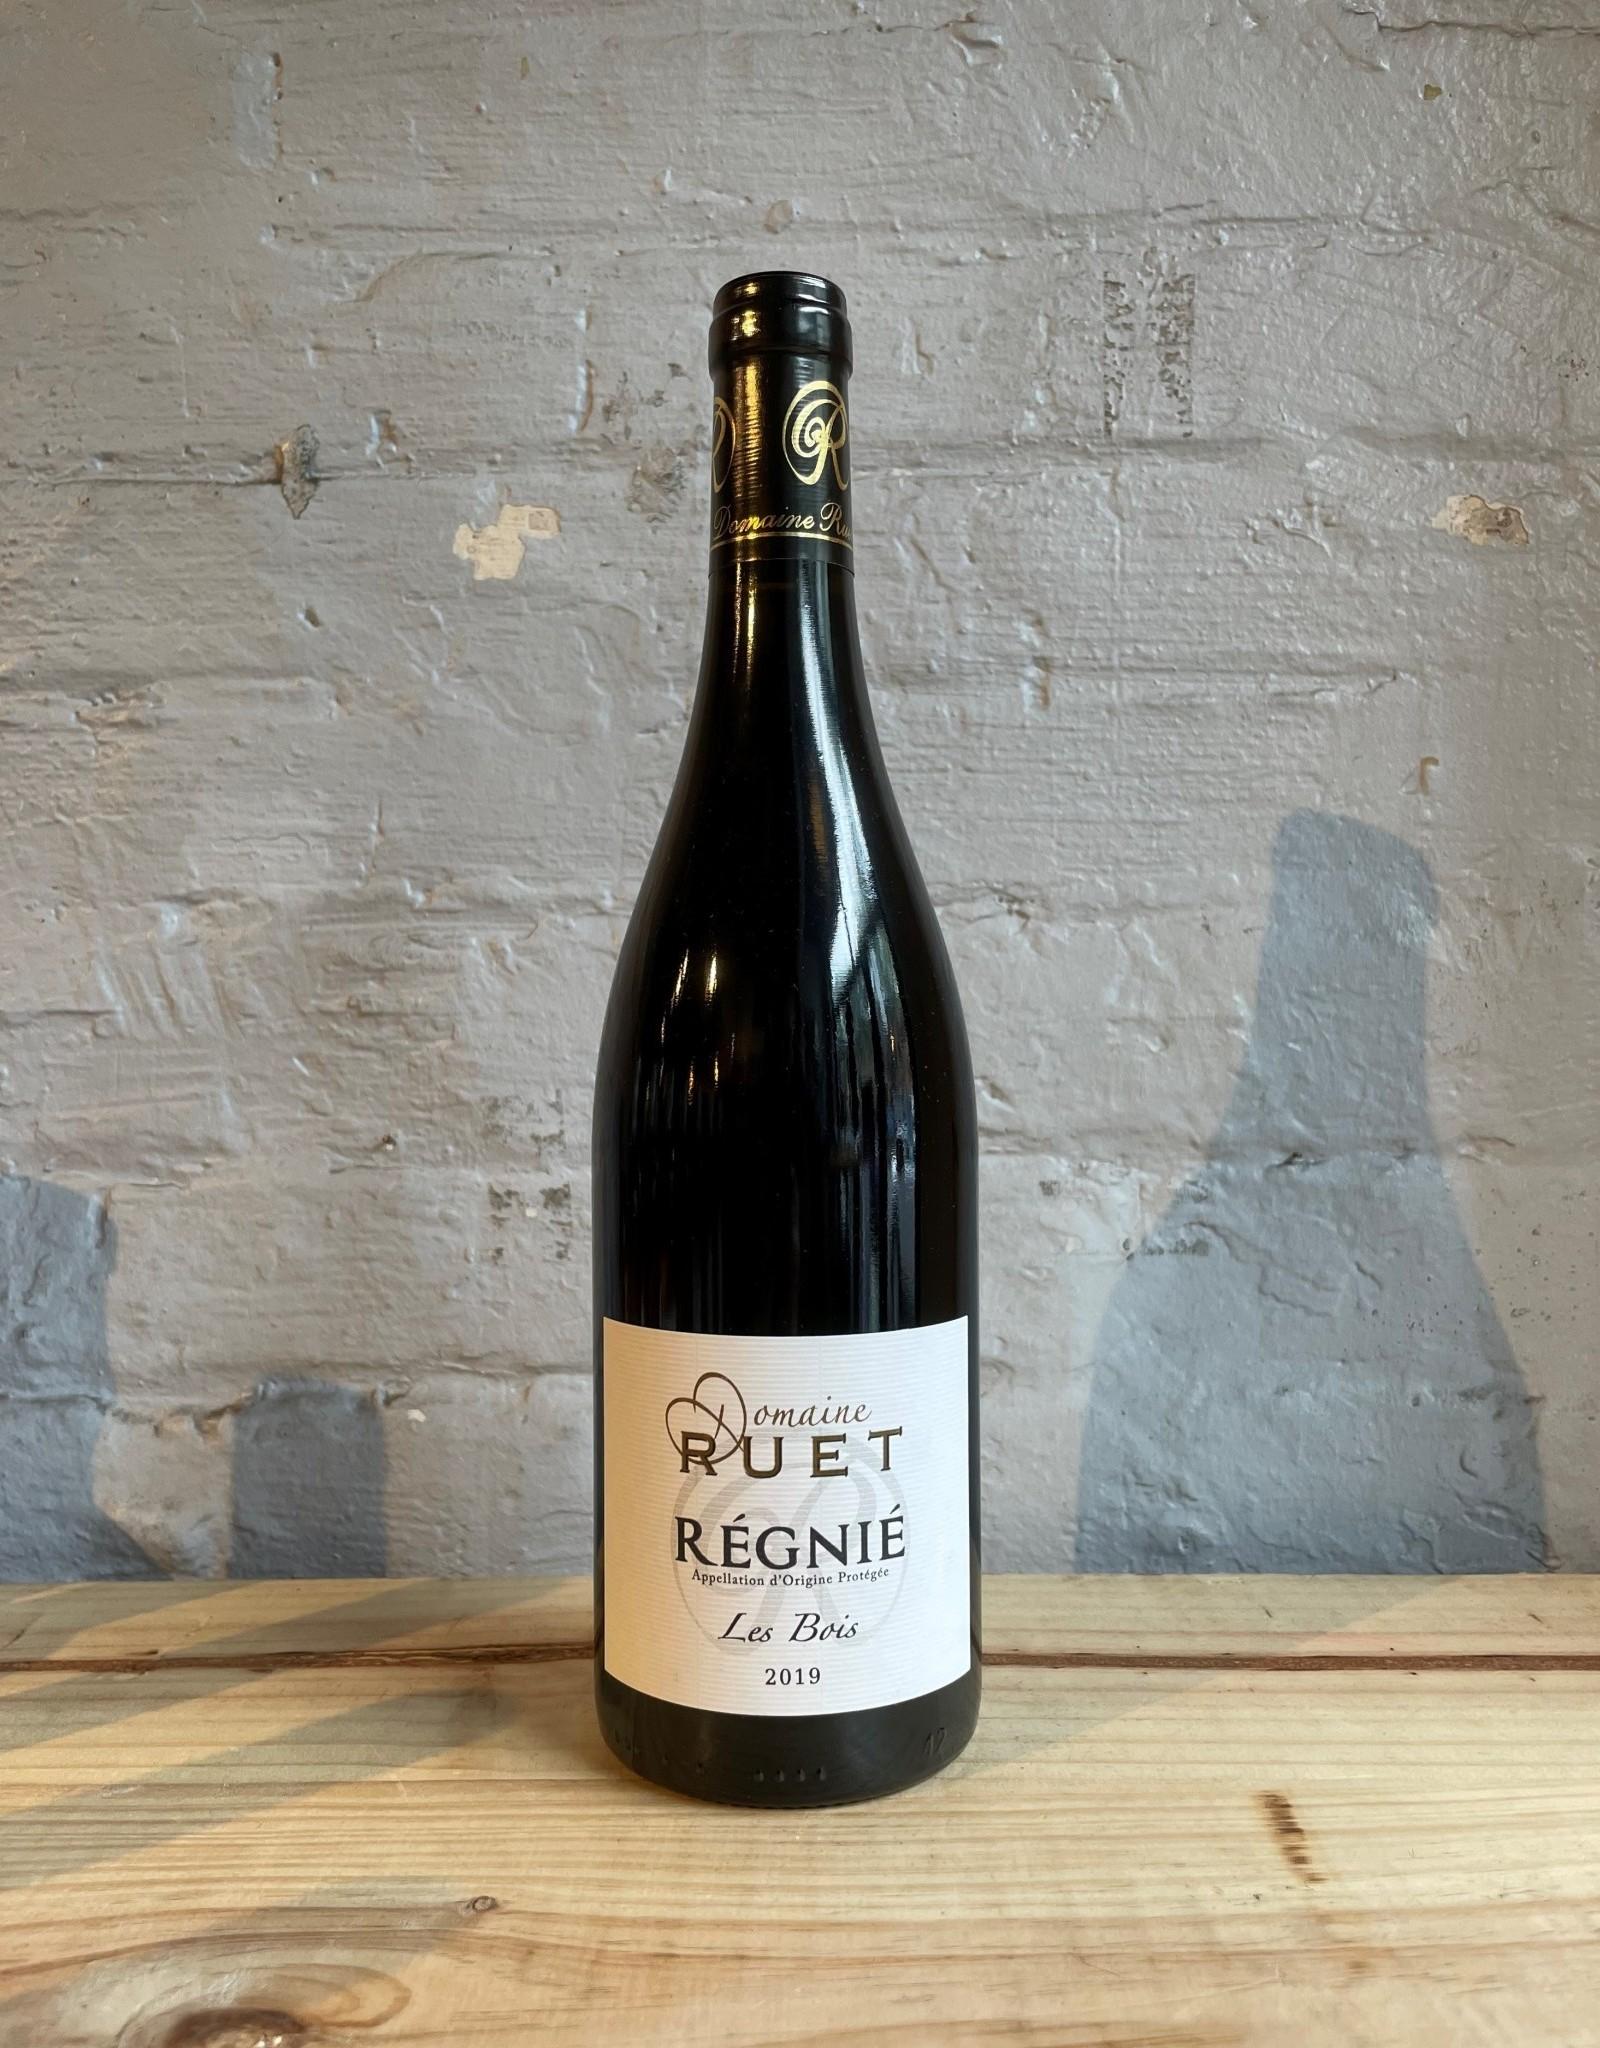 Wine 2019 Domaine Ruet Régnié Les Bois - Beaujolais, France (750ml)